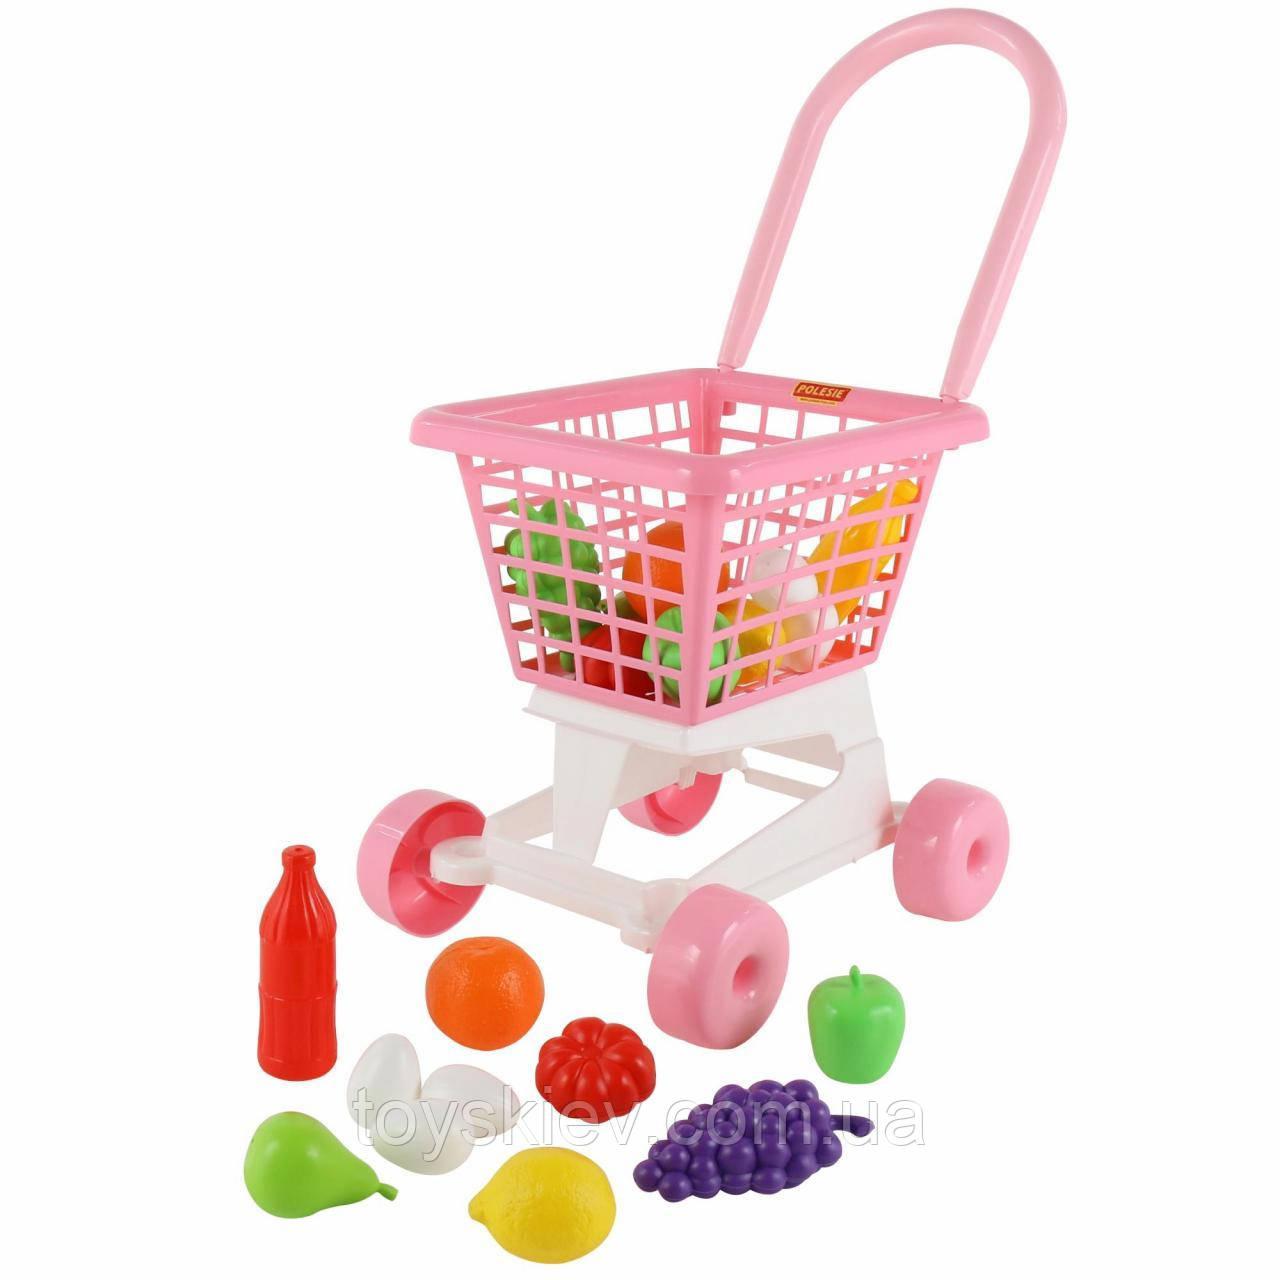 """Візок """"Supermarket"""" №1 (рожевий) Набір продуктів (у сіточці) 36,5*31*24 см"""